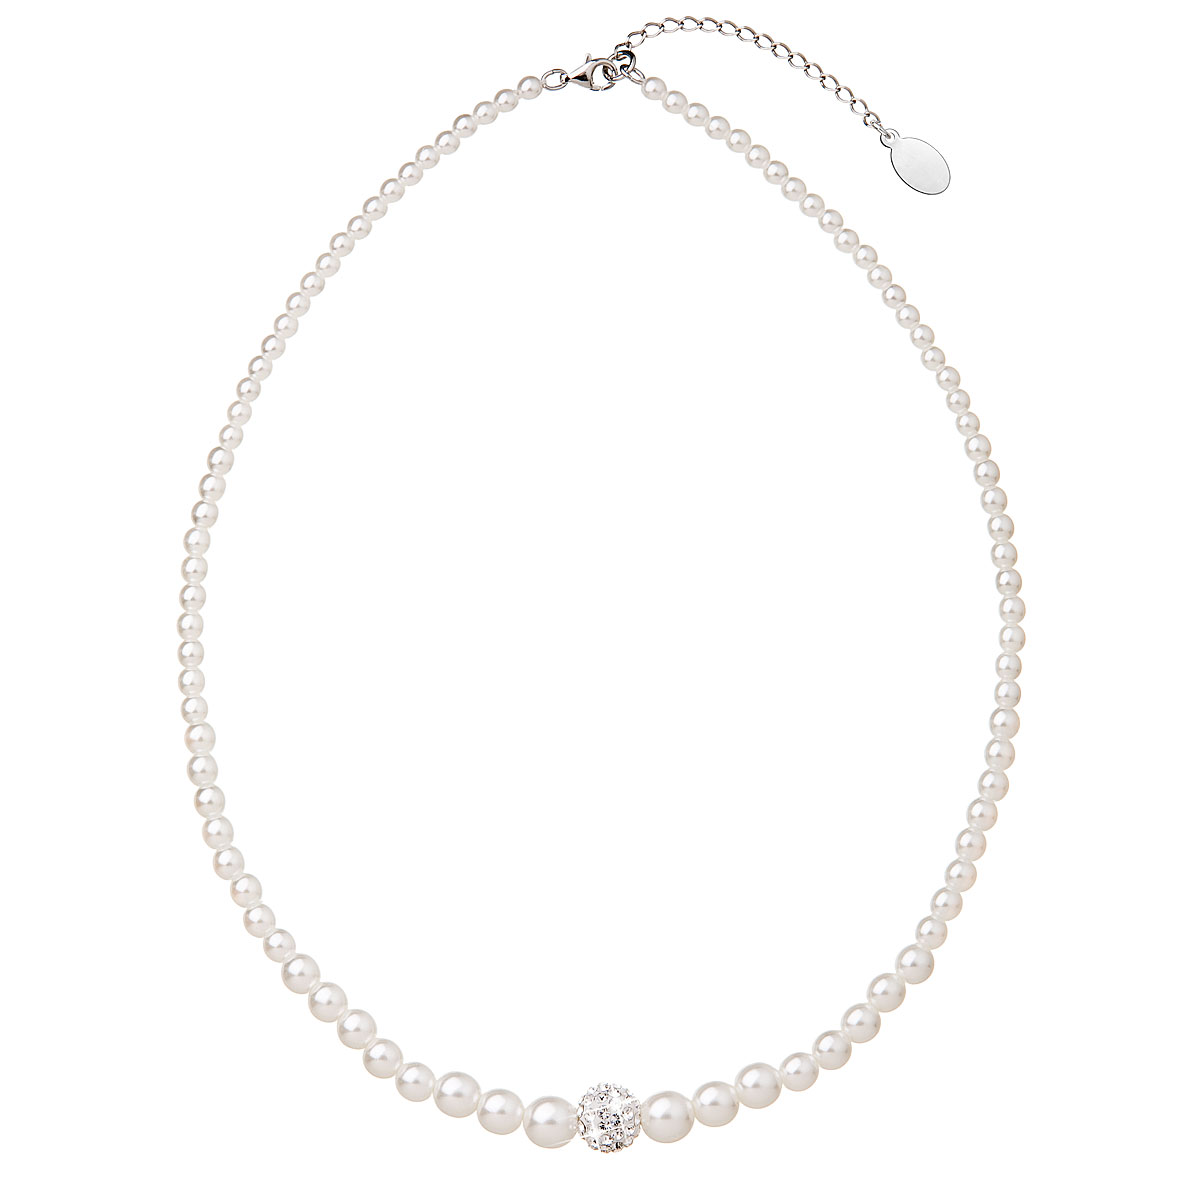 Evolution Group Perlový náhrdelník bílý 32006.1, dárkové balení